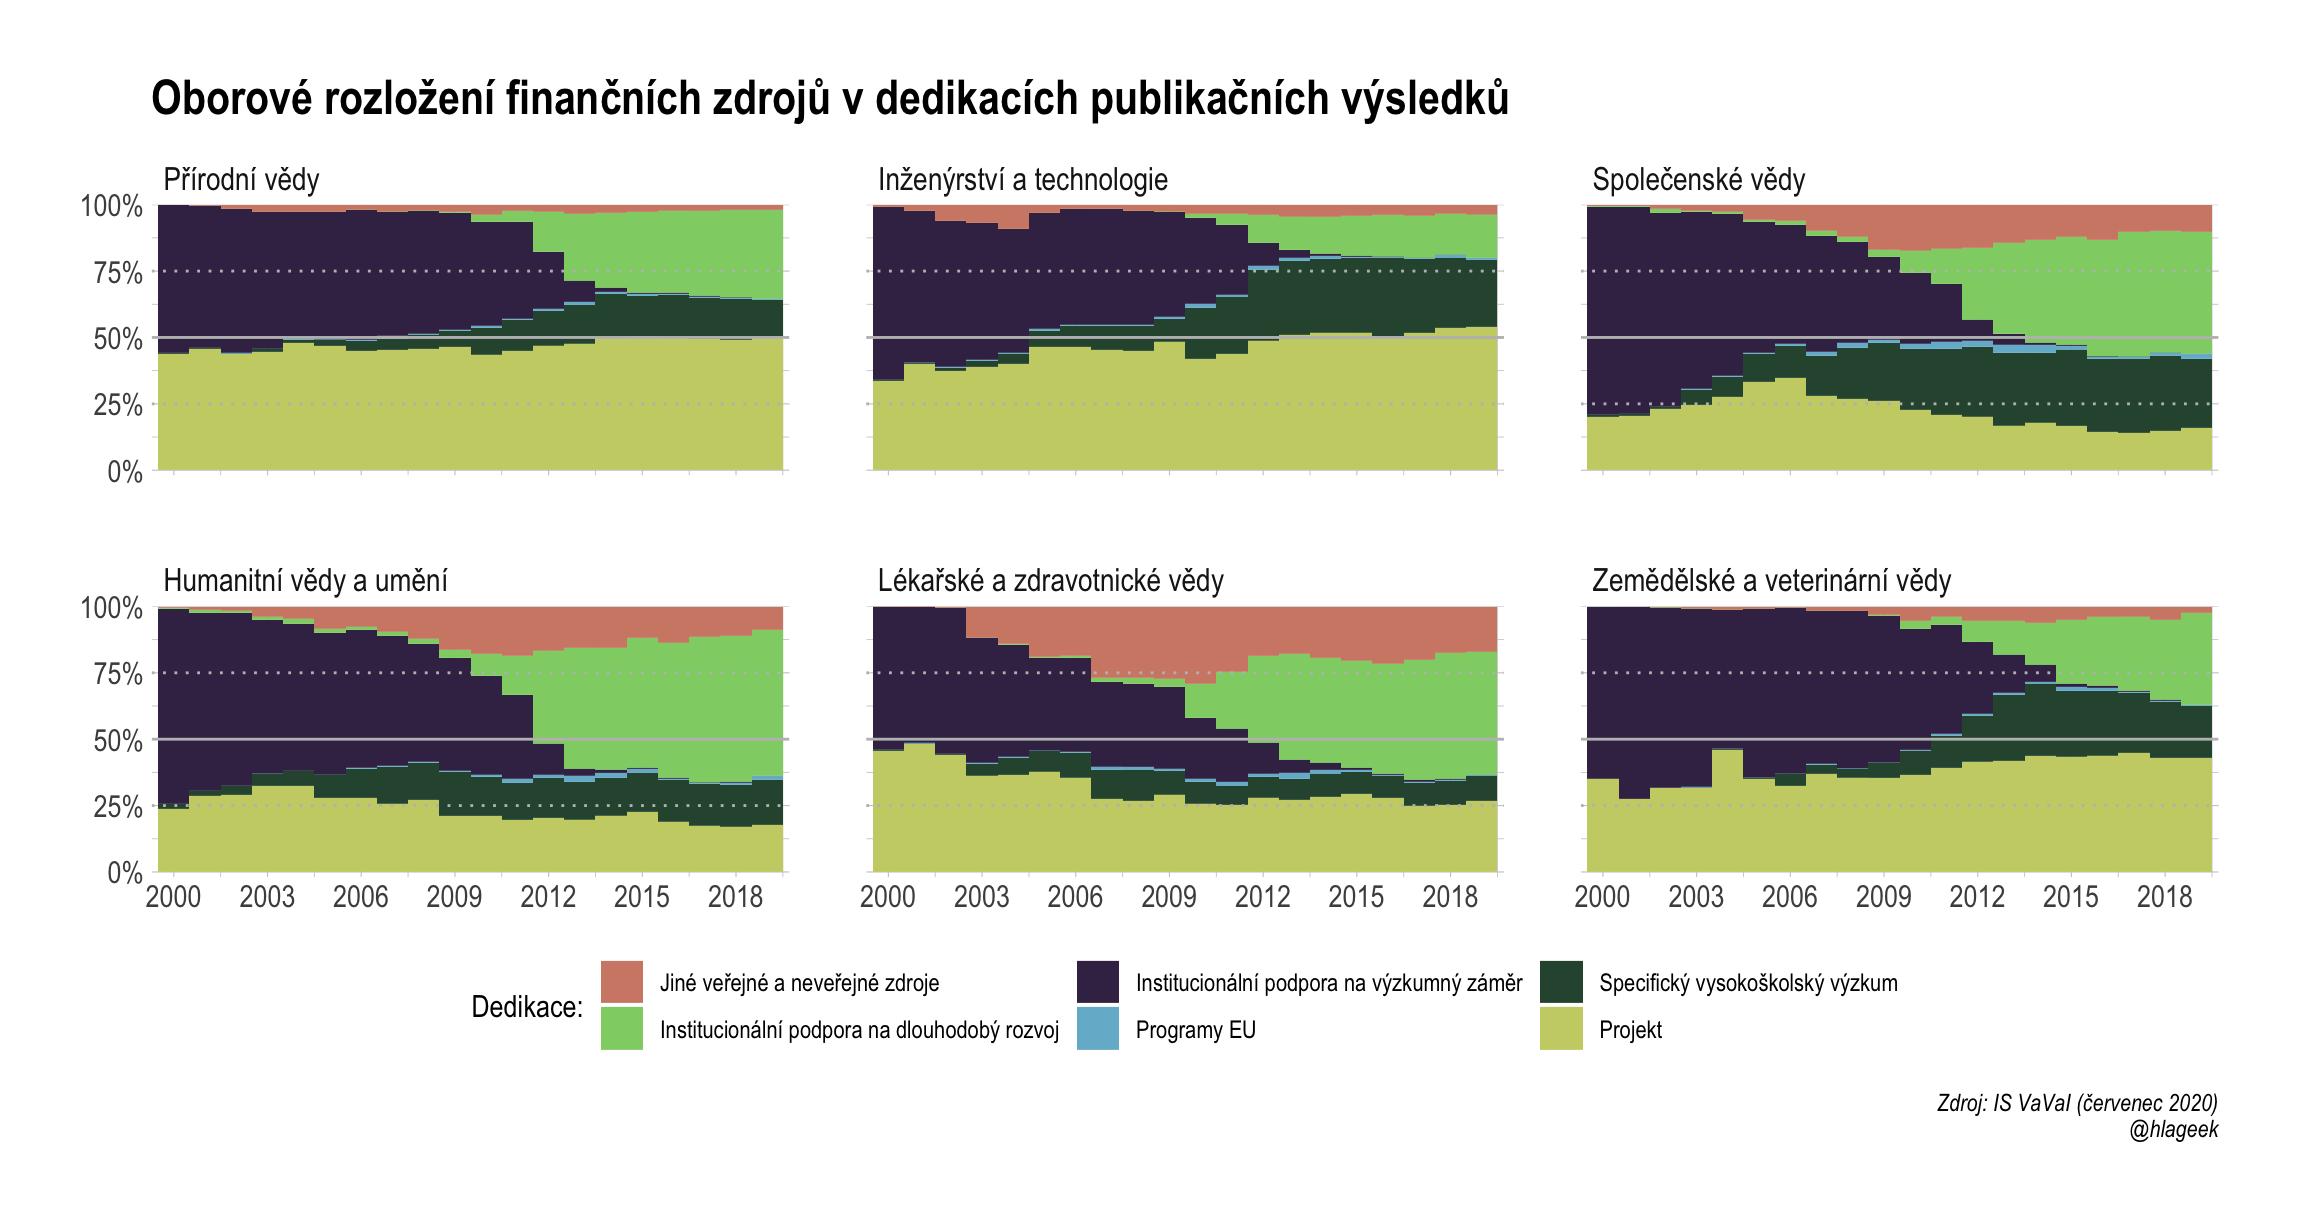 Oborové rozložení finančních zdrojů v dedikacích publikačních výsledků